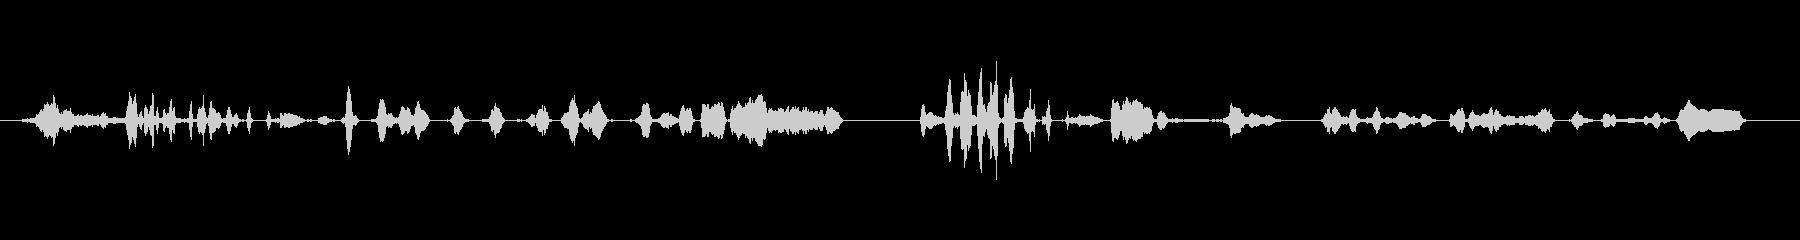 群集 トーク・カーム・クローズ・ラフ03の未再生の波形